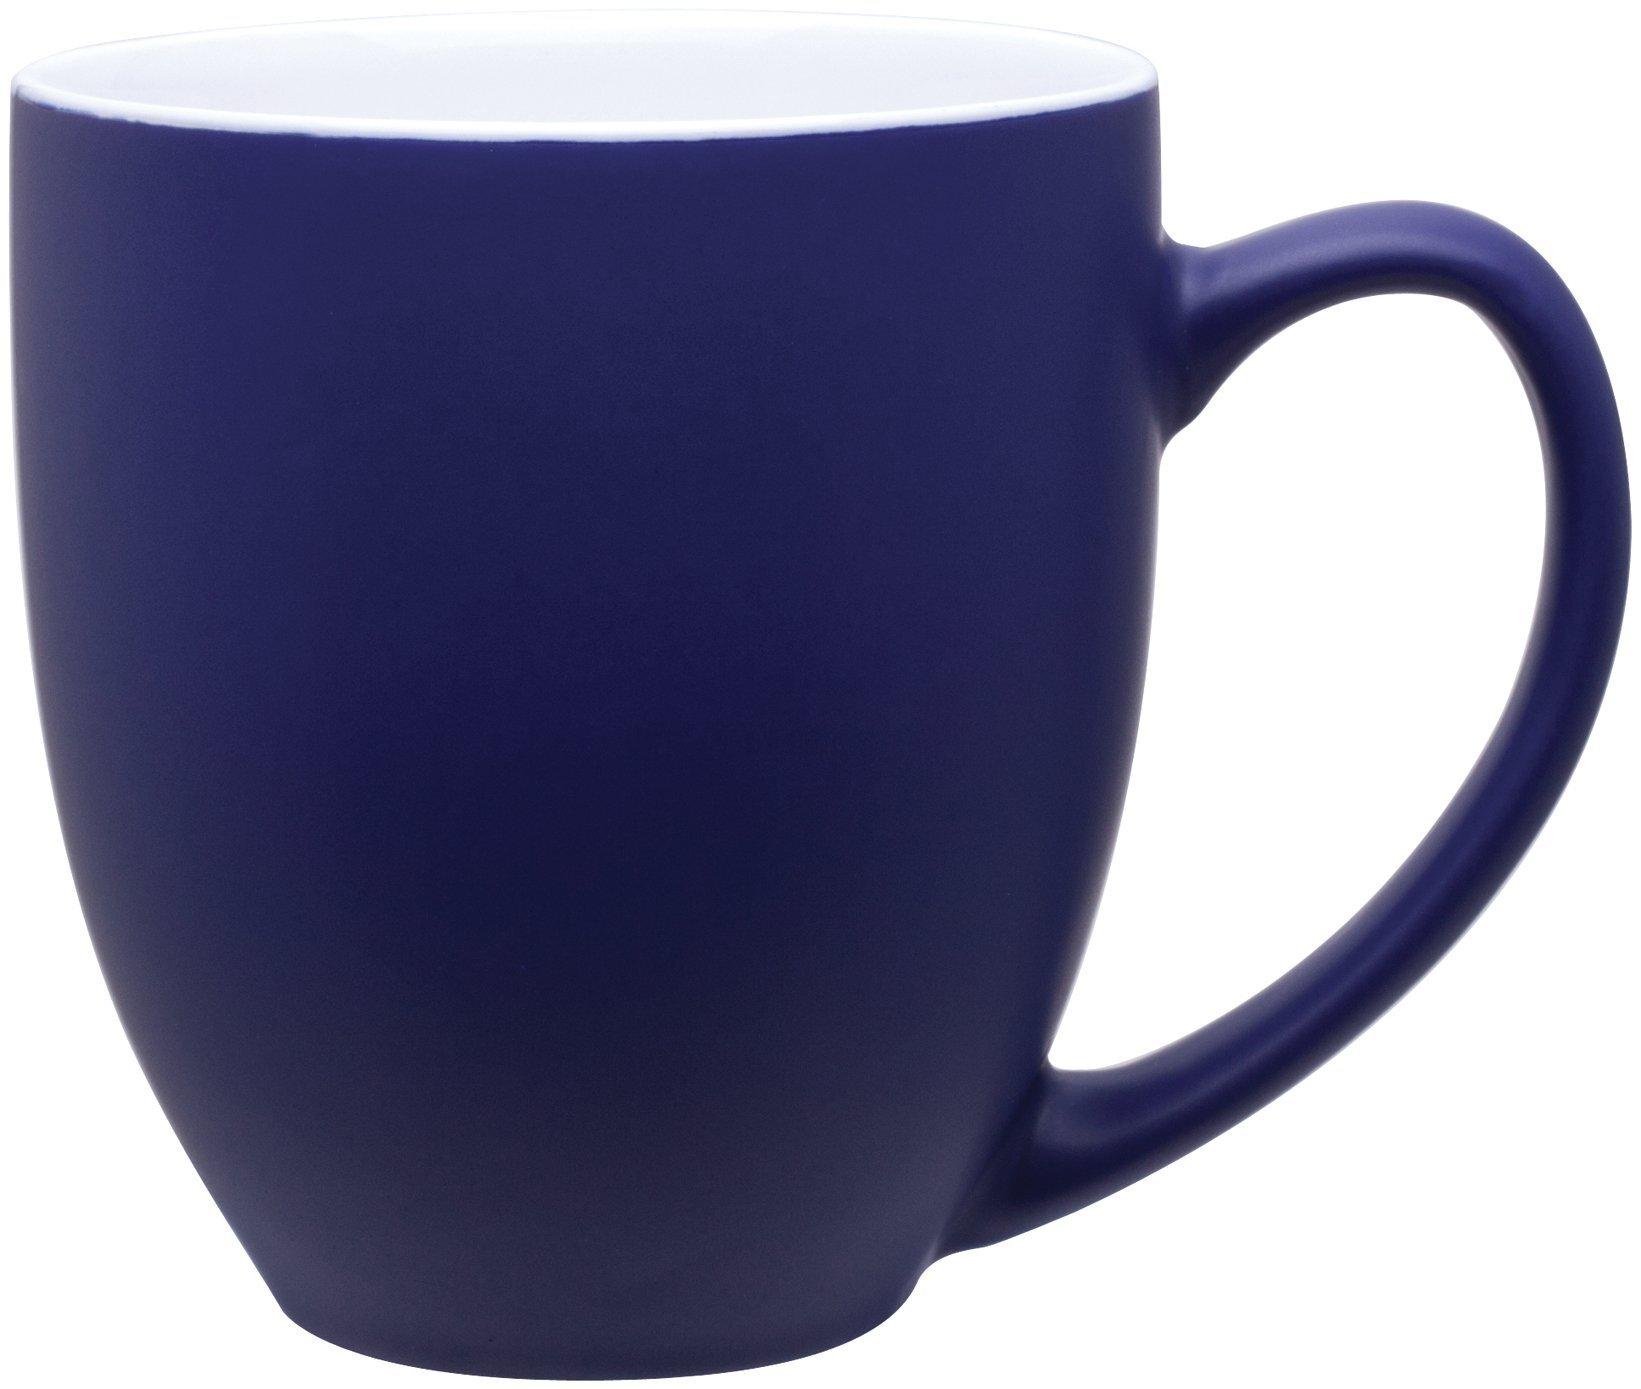 Matte Two-Tone Bistro Mug, 15oz.